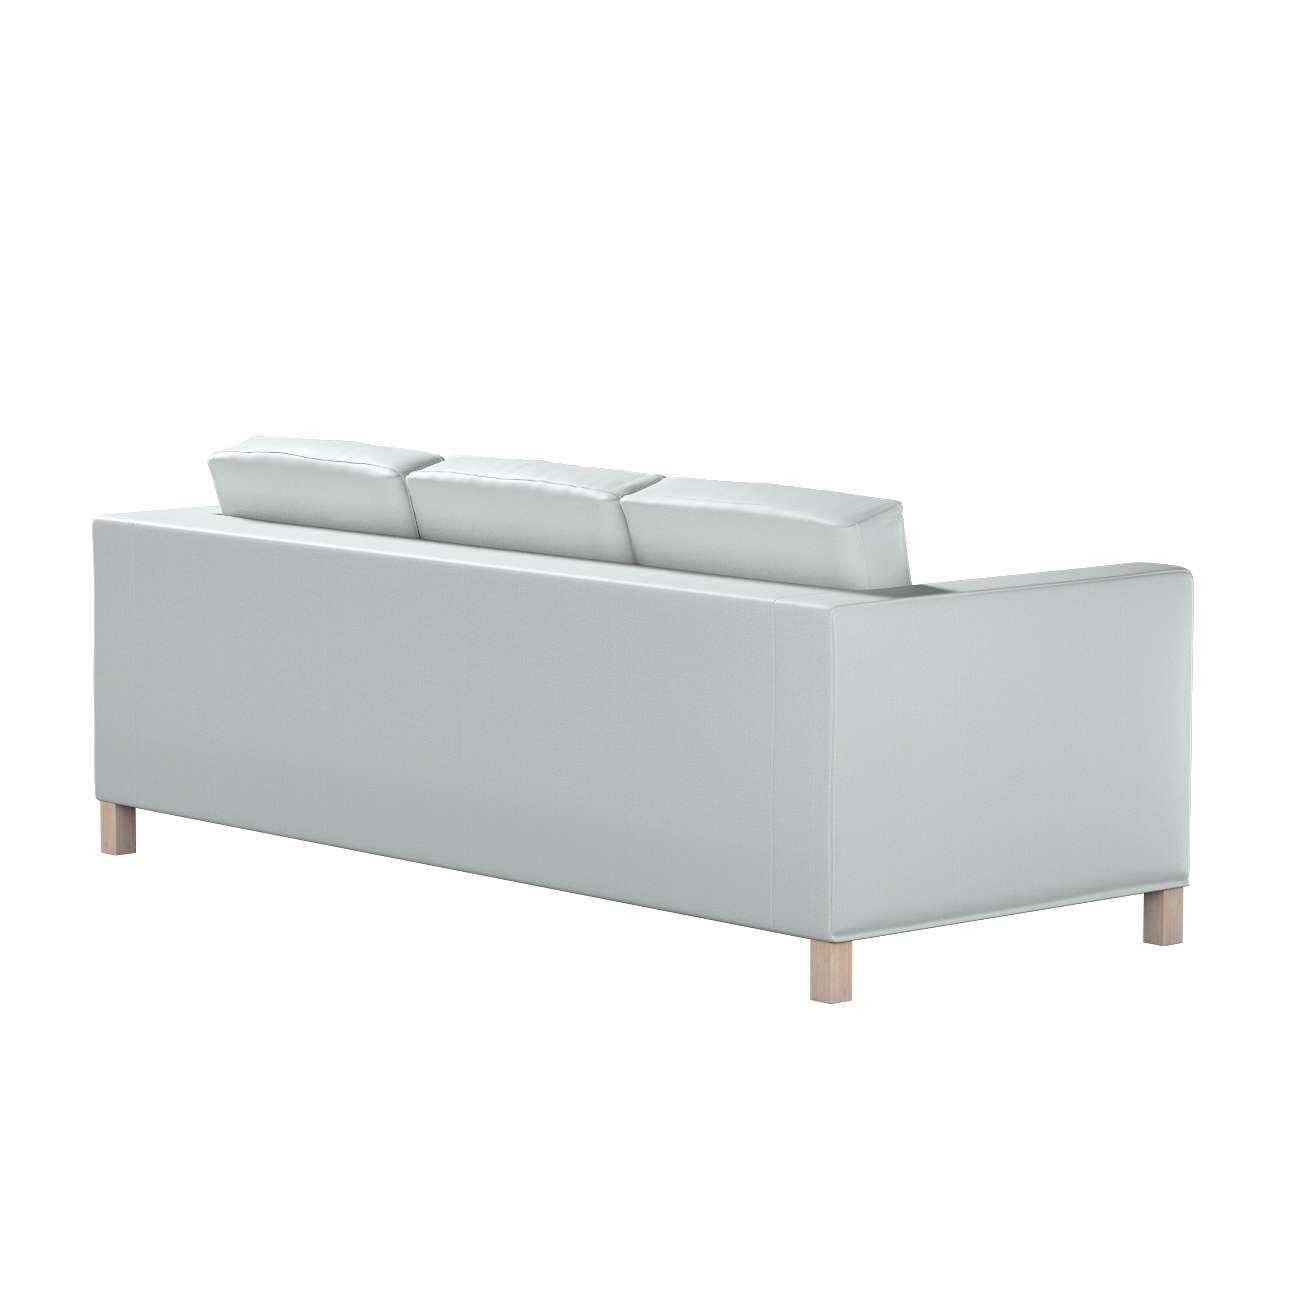 Potah na pohovku IKEA  Karlanda 3-místná nerozkládací, krátký v kolekci Bergen, látka: 161-72